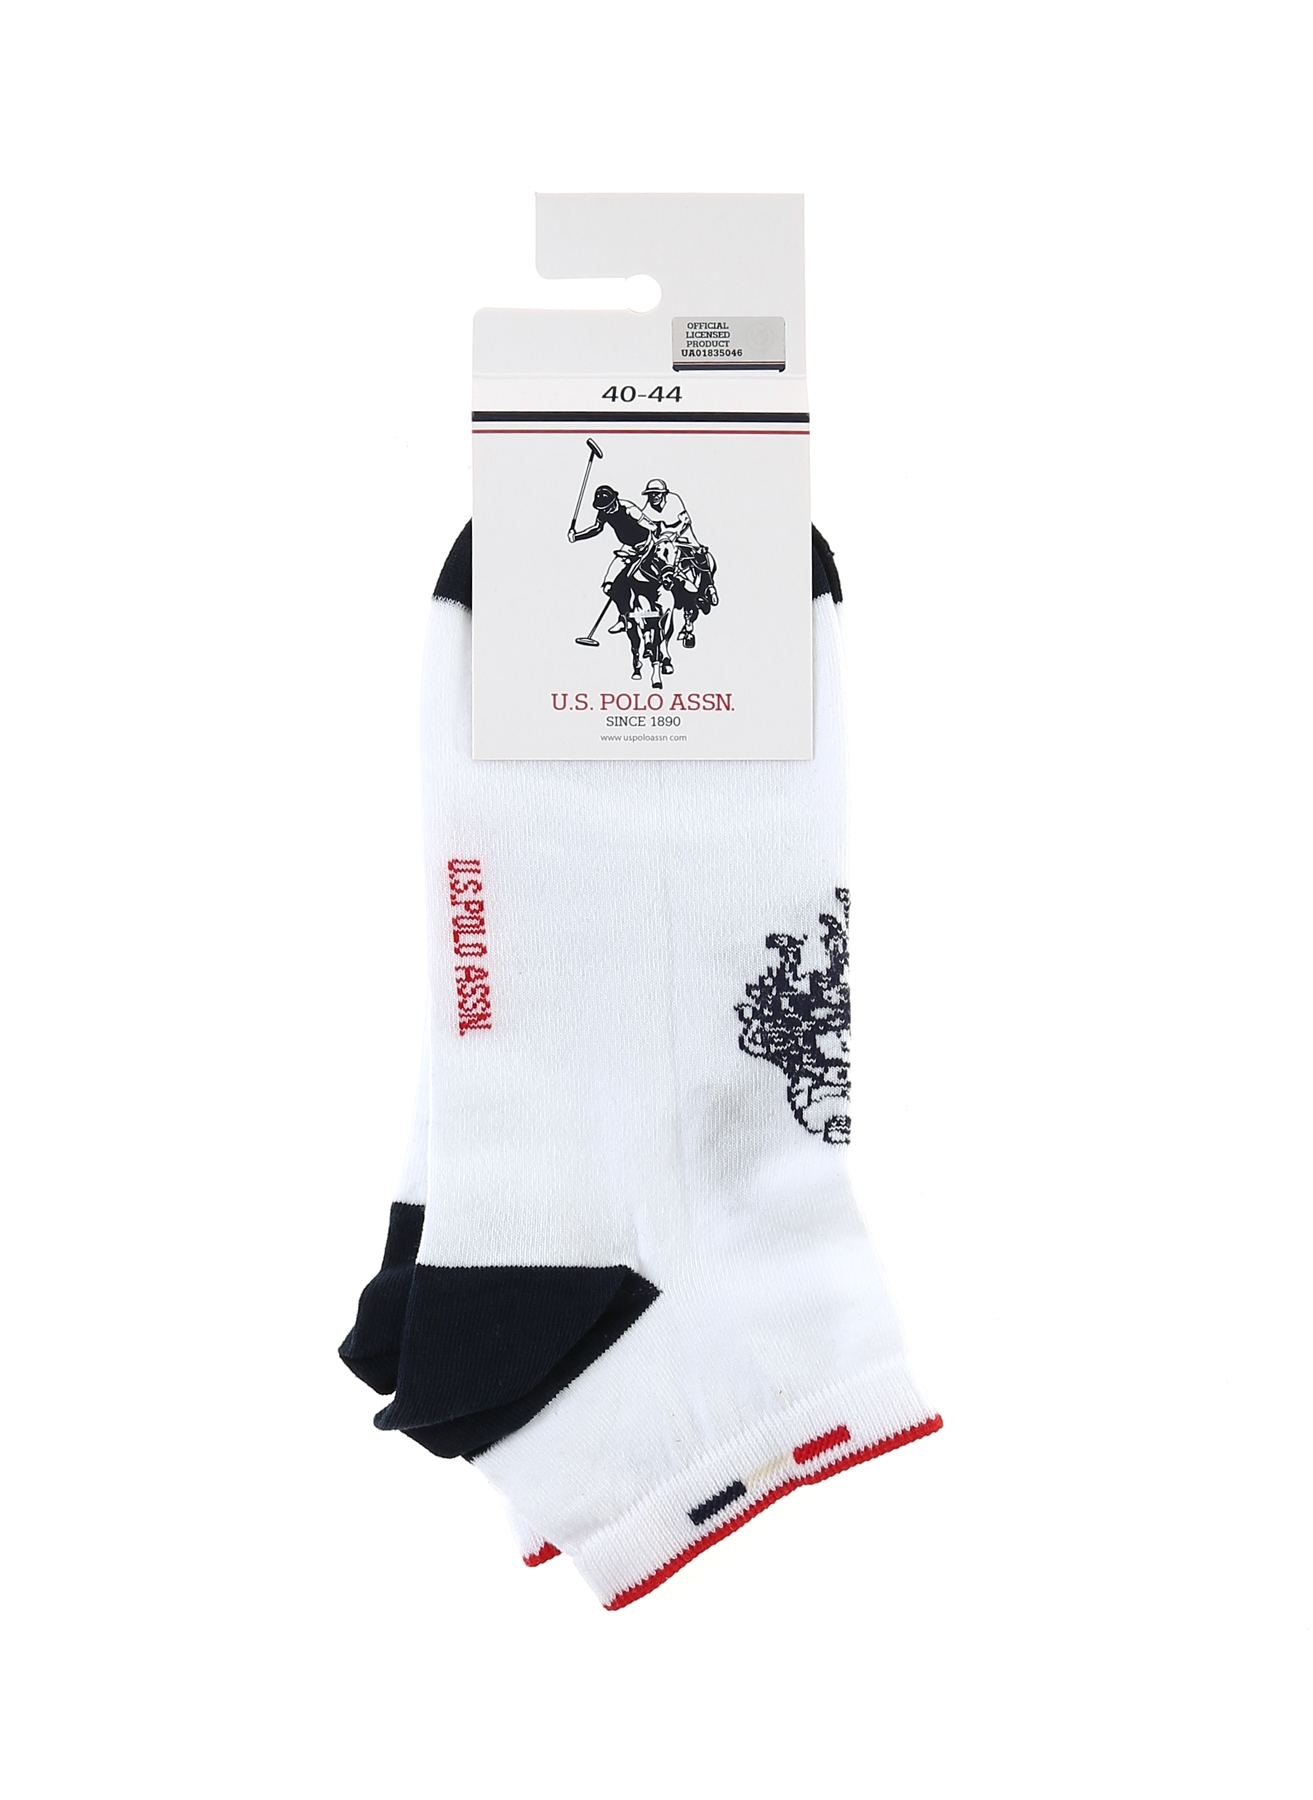 U.S. Polo Assn. Beyaz Çorap 5000201414001 Ürün Resmi